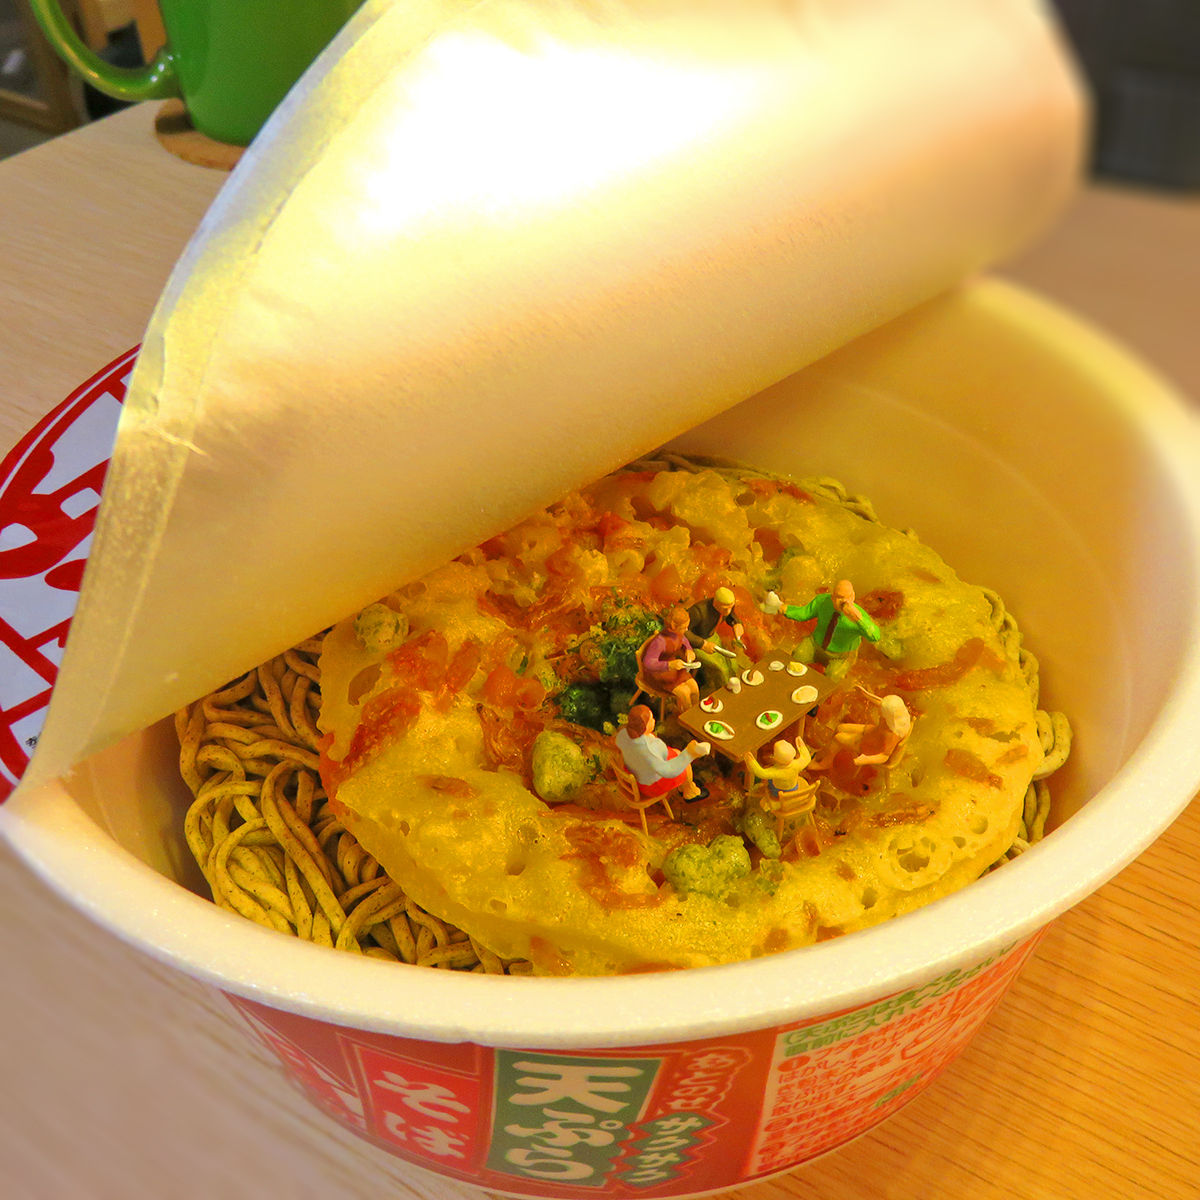 今年も残りわずか!どん兵衛の天ぷらの上で年越しそばを食べる家族